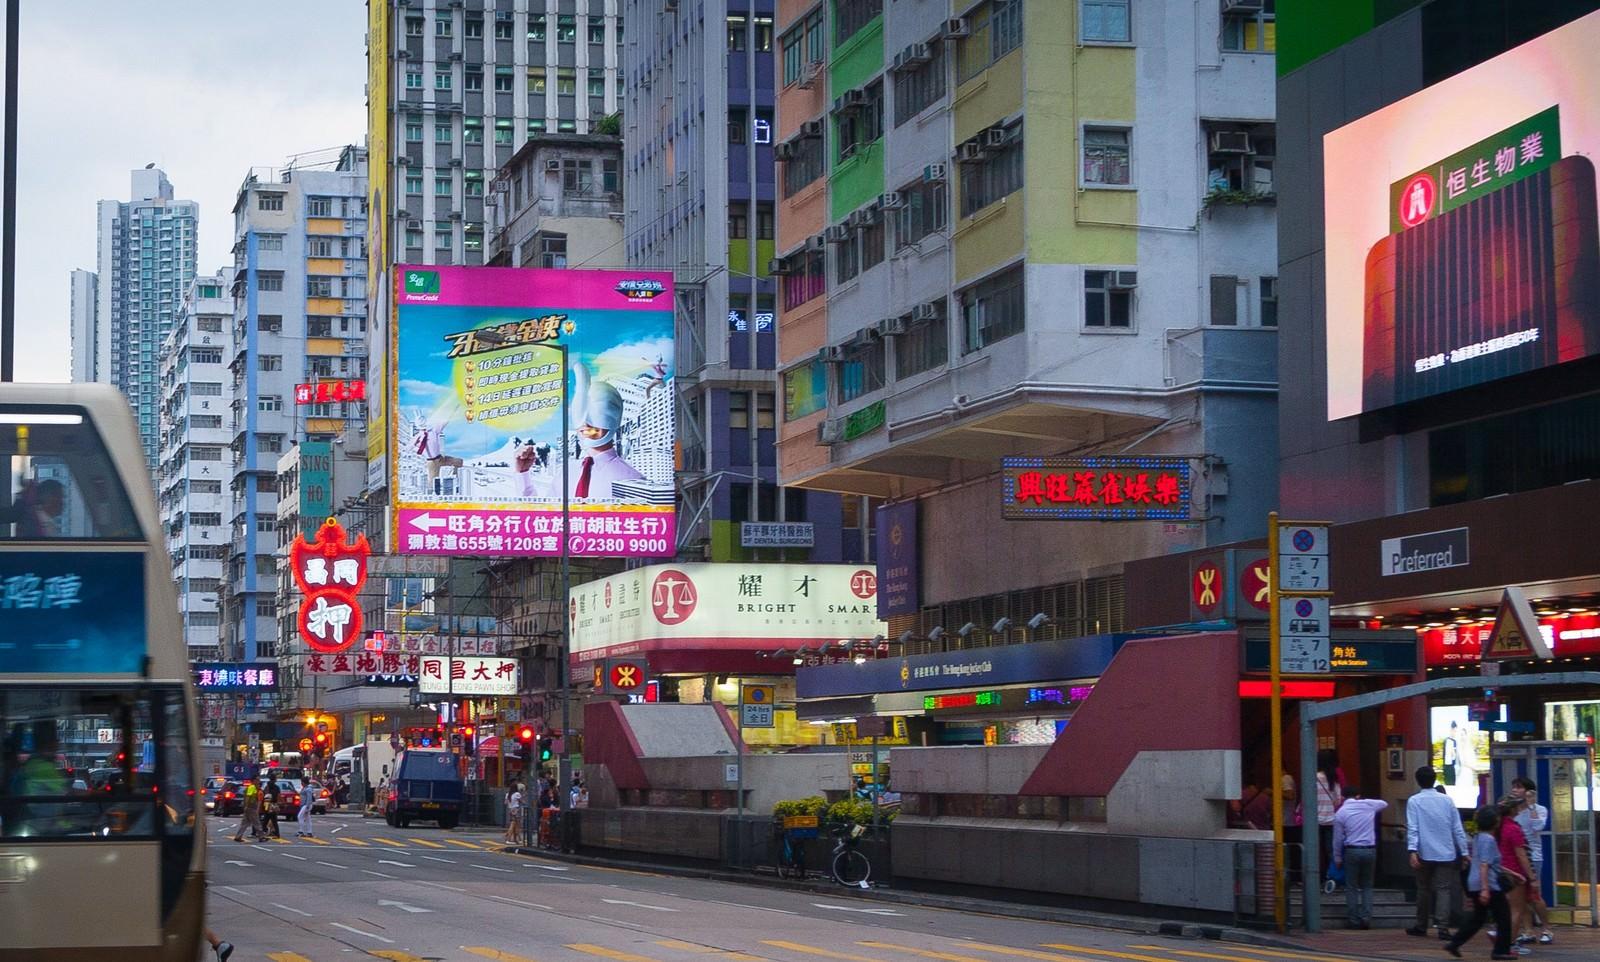 「香港旺角のメインストリートの交差点」の写真